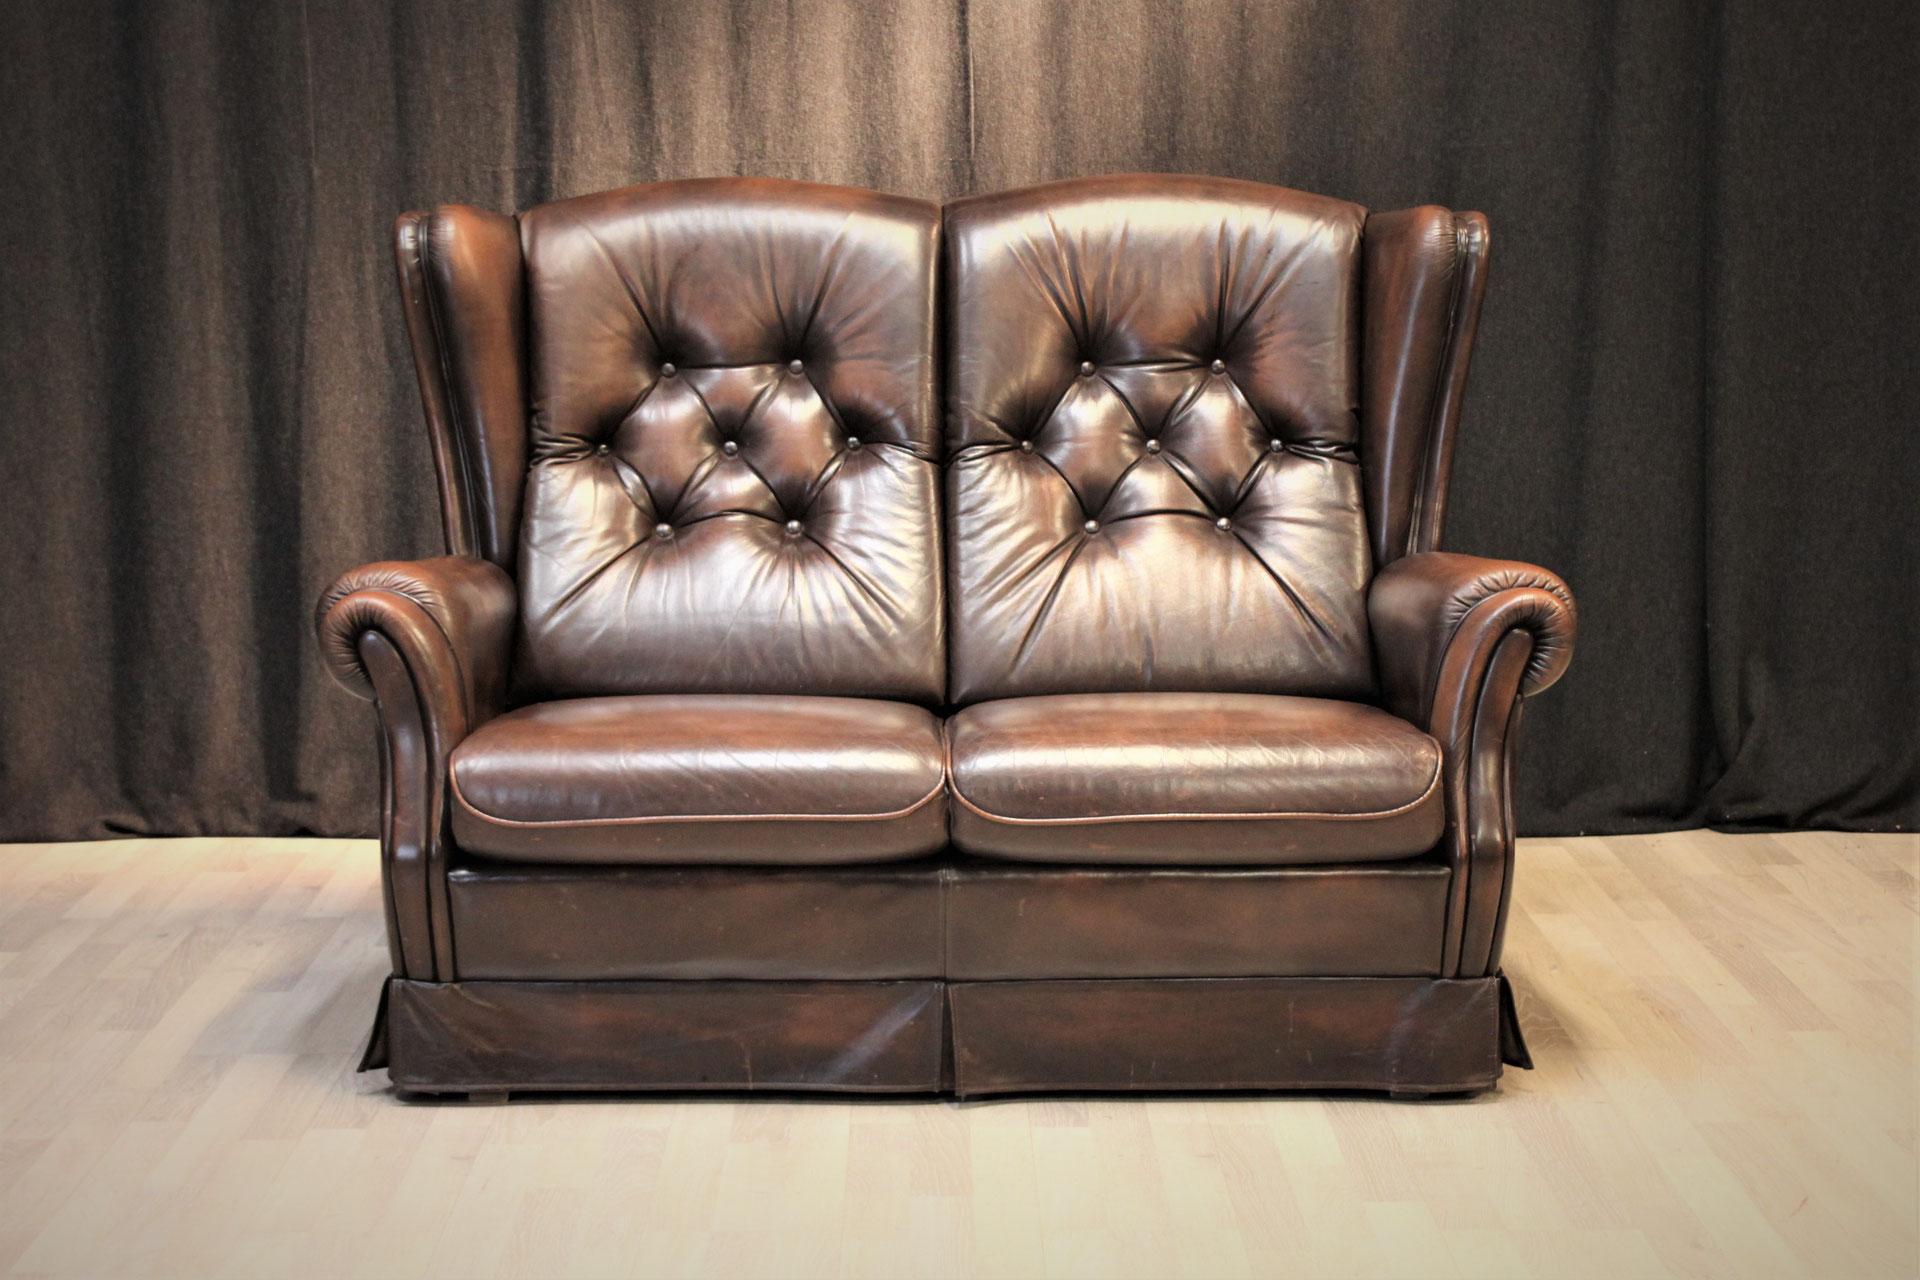 Full Size of Chesterfield Style Sofa Couch Creme 2 Sitzer Mit Schlaffunktion Polster Sofort Lieferbar Dreisitzer Garnitur 3 Teilig Relaxfunktion Büffelleder Ektorp Big Sofa Sofa Englisch